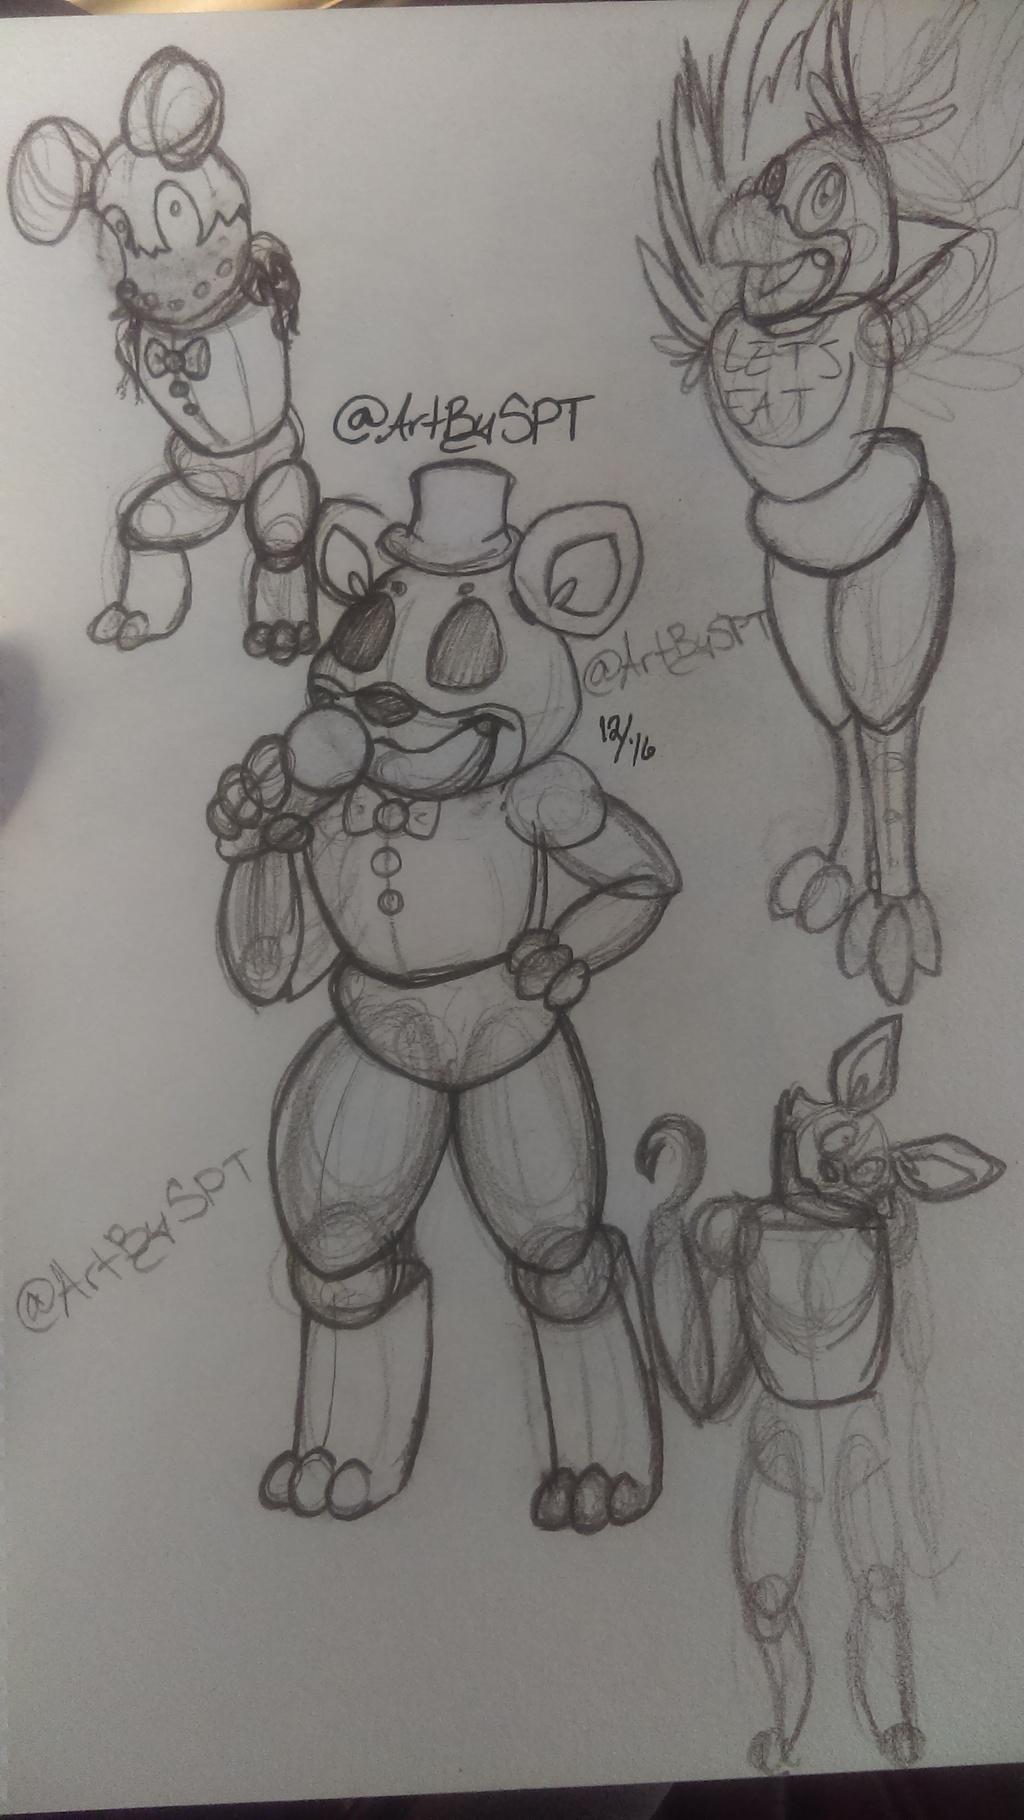 FNAF doodles